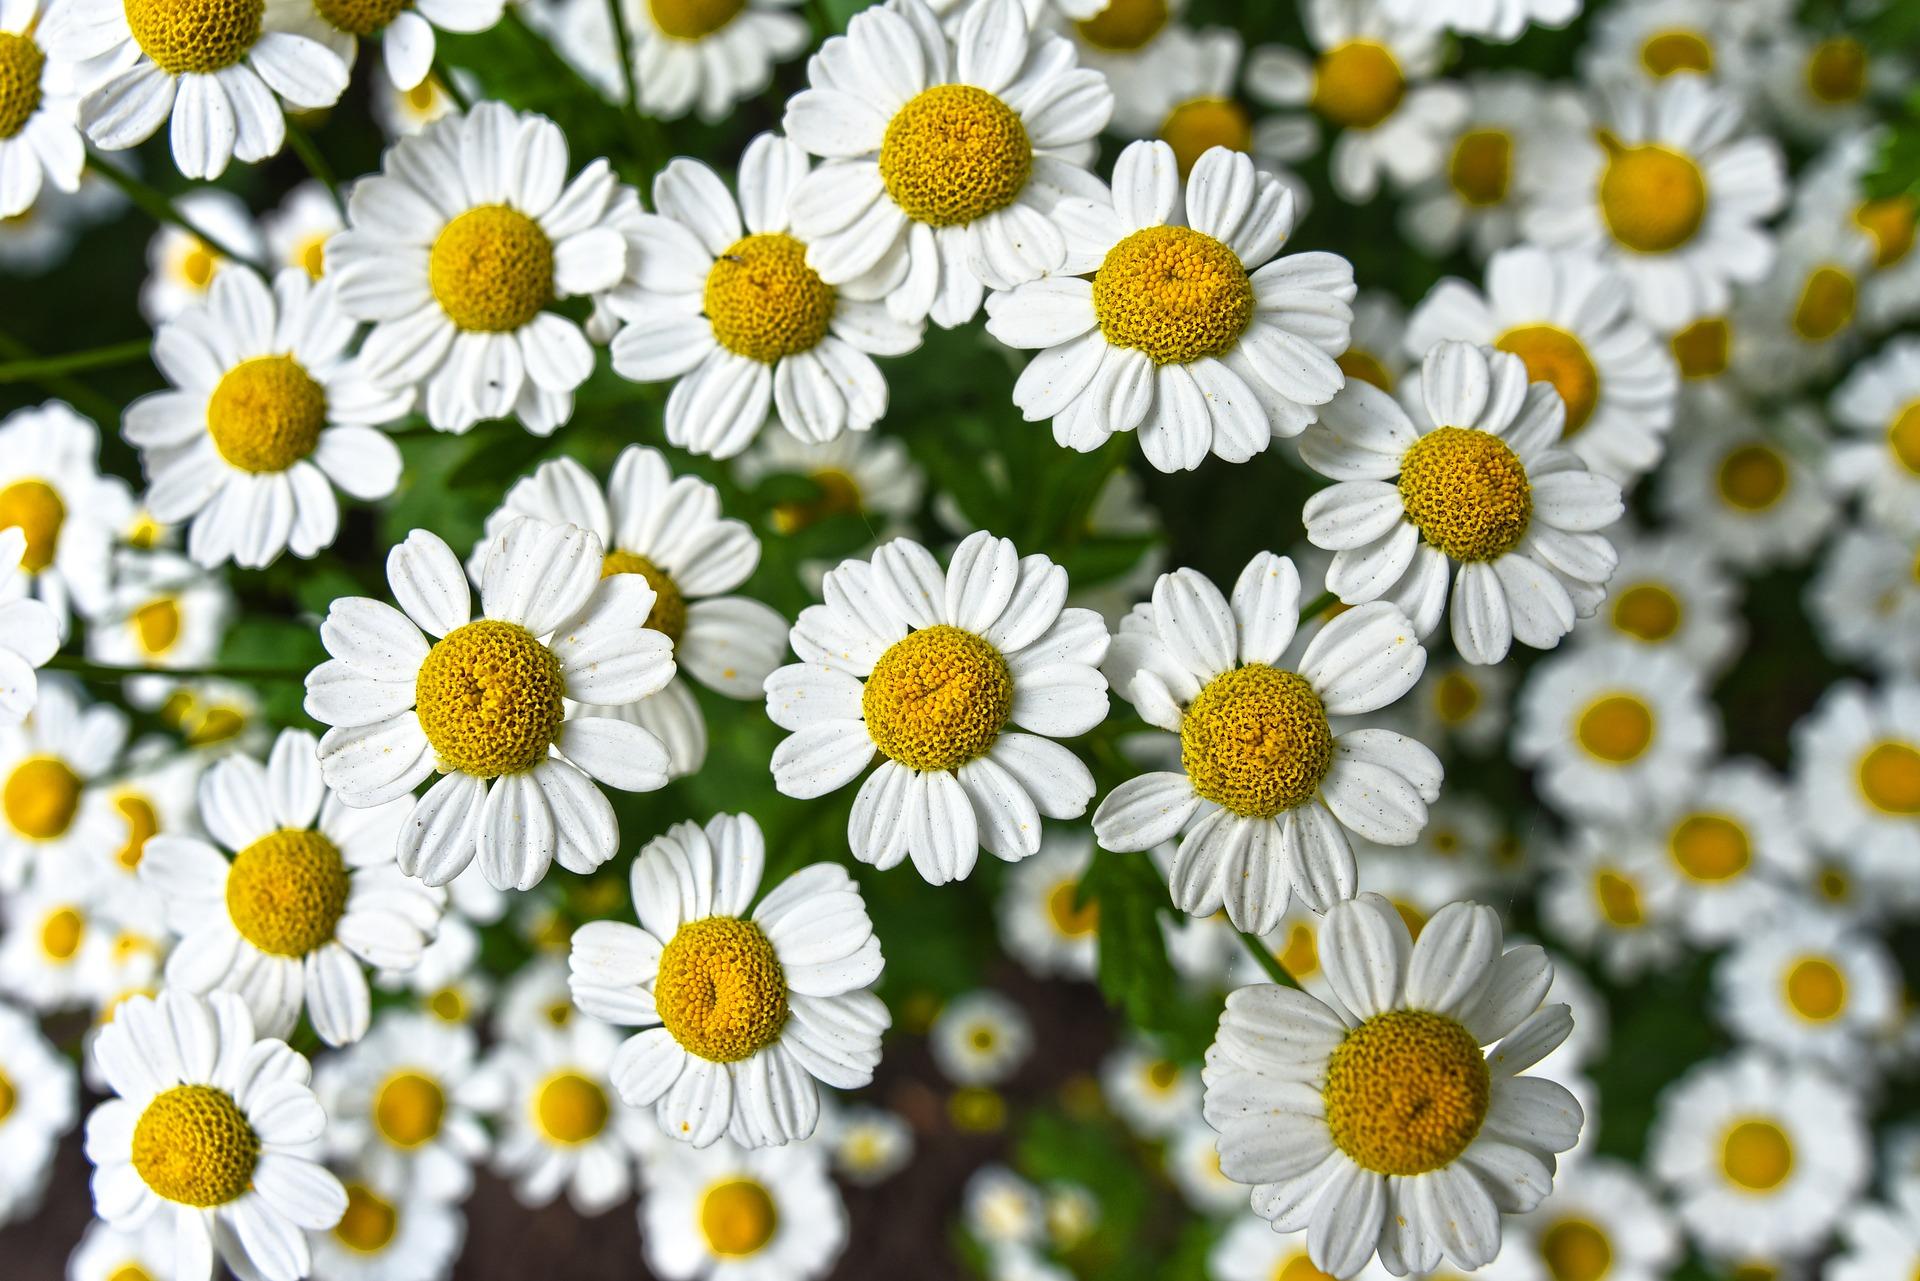 Cómo Cultivar Manzanilla Orgánica en tu Casa - Vía Orgánica